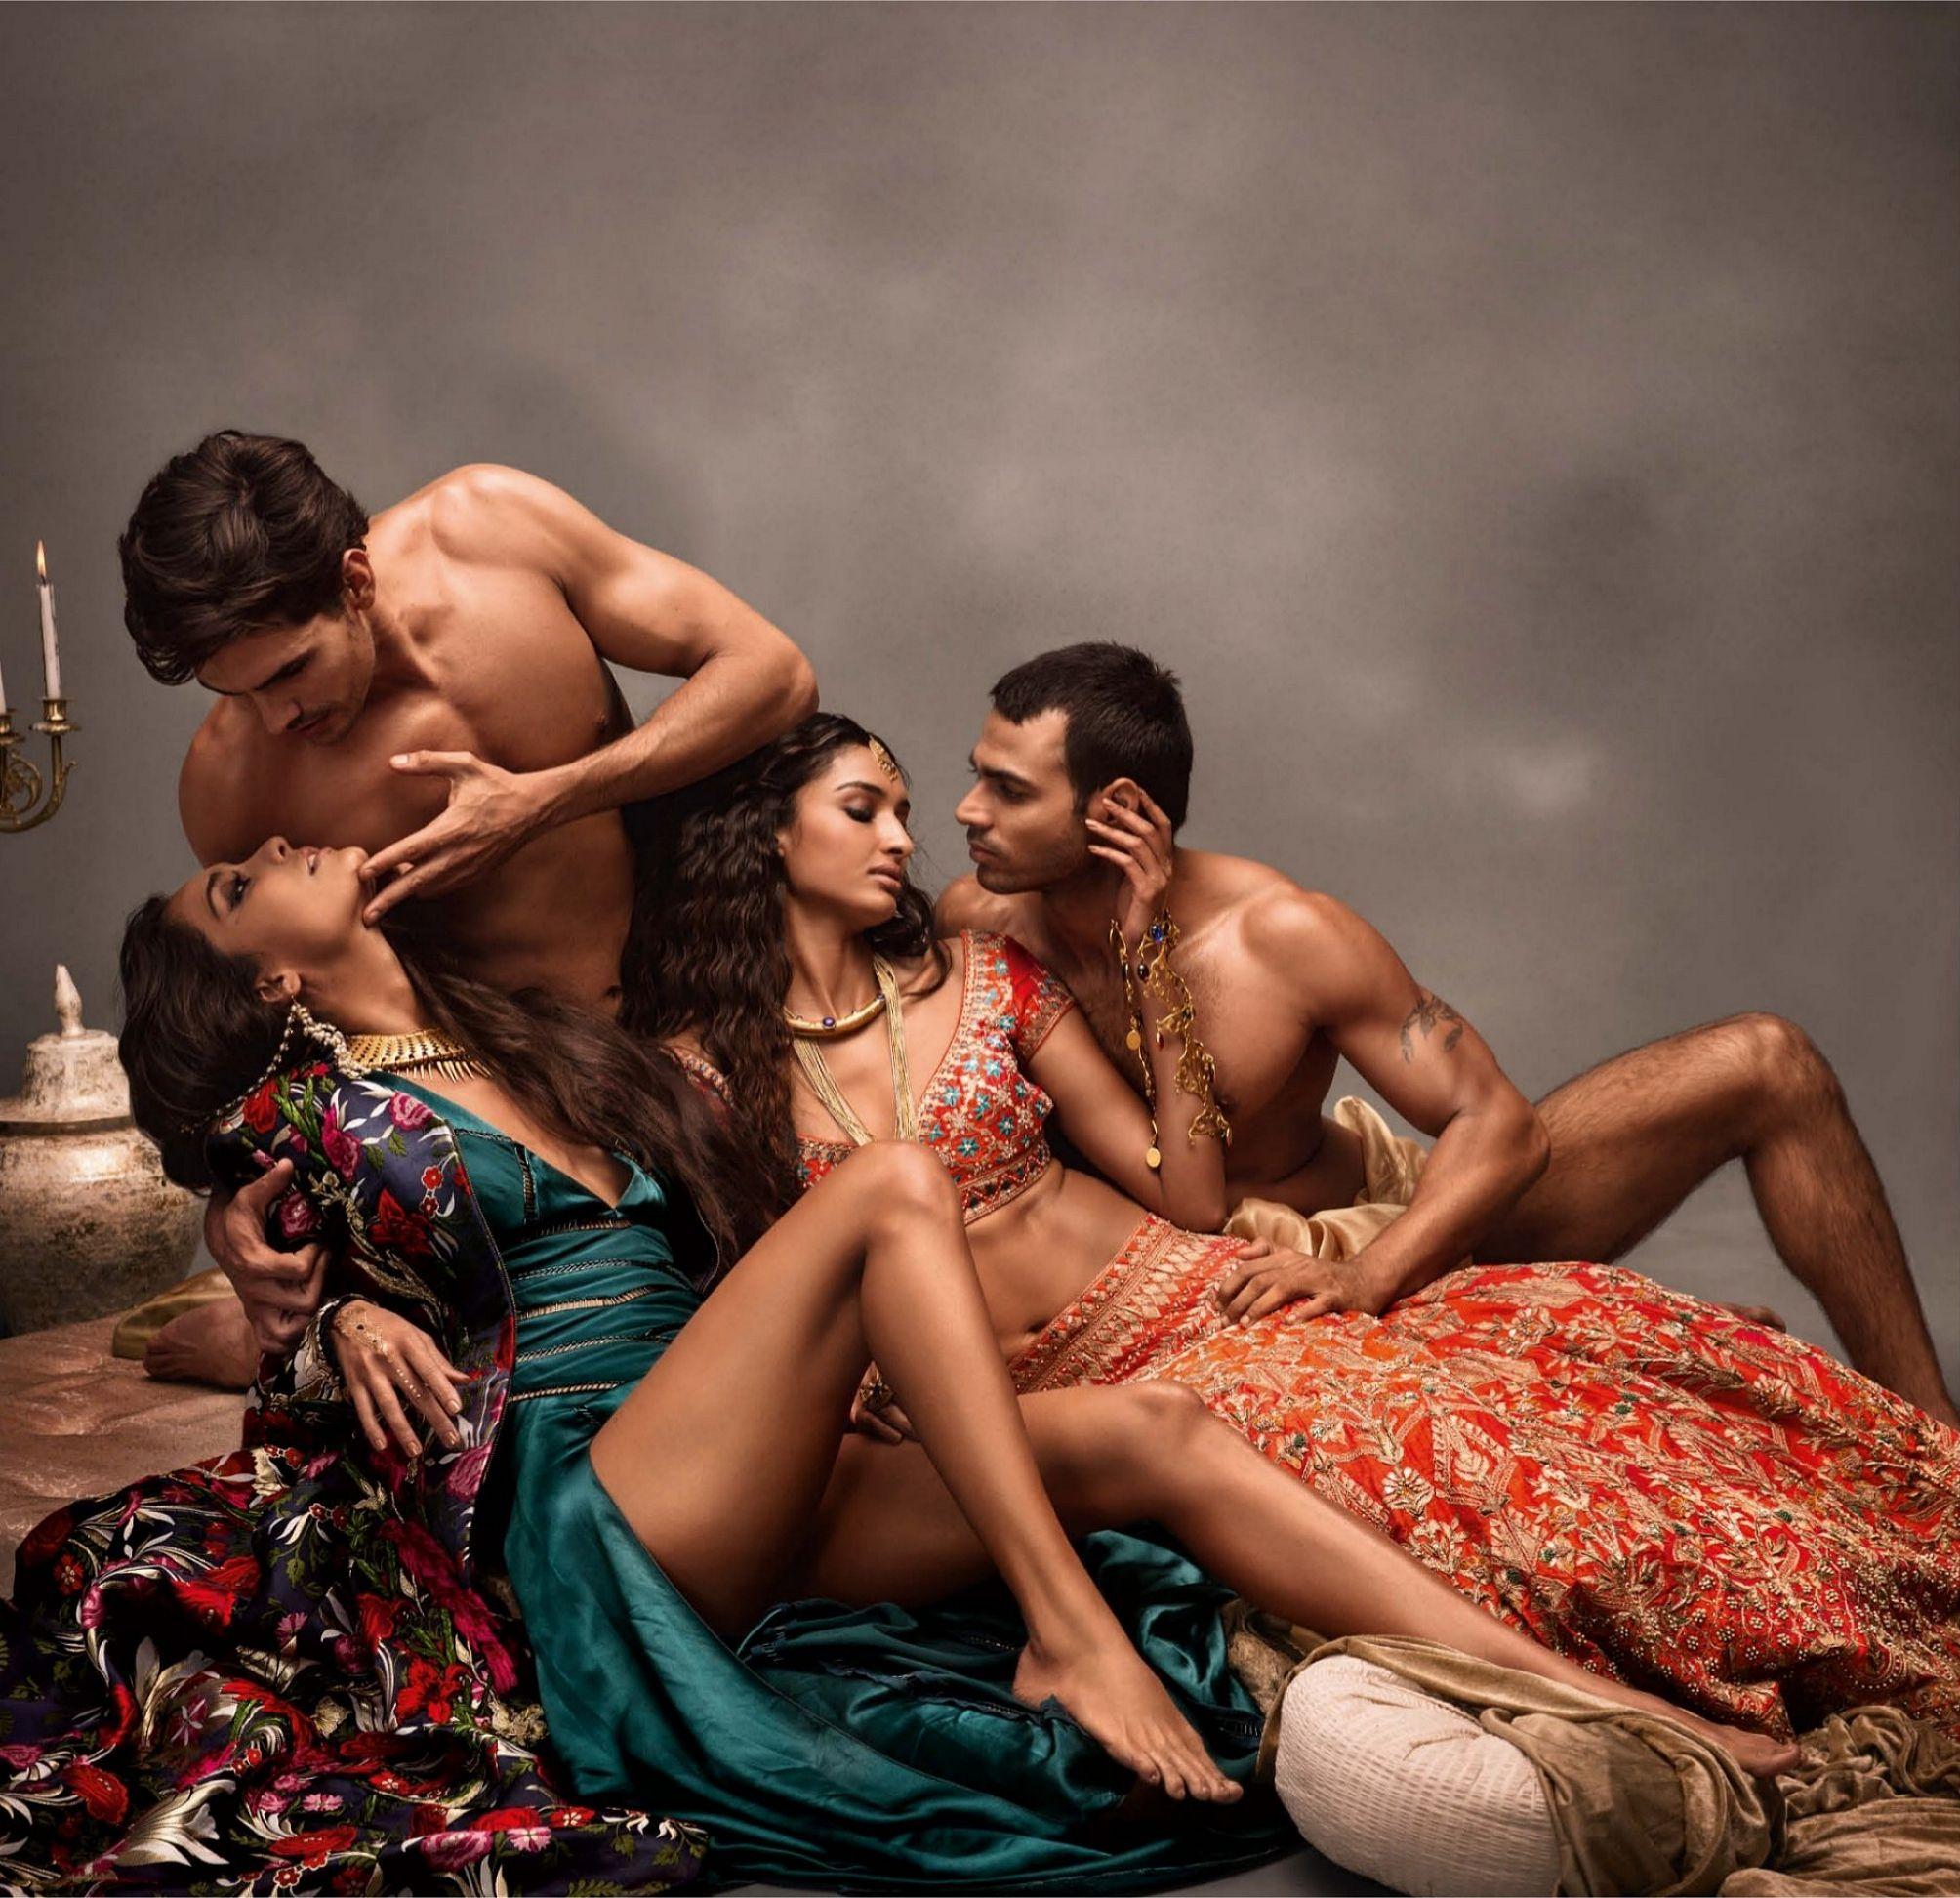 Посмотреть indiyskoe erotika 12 фотография